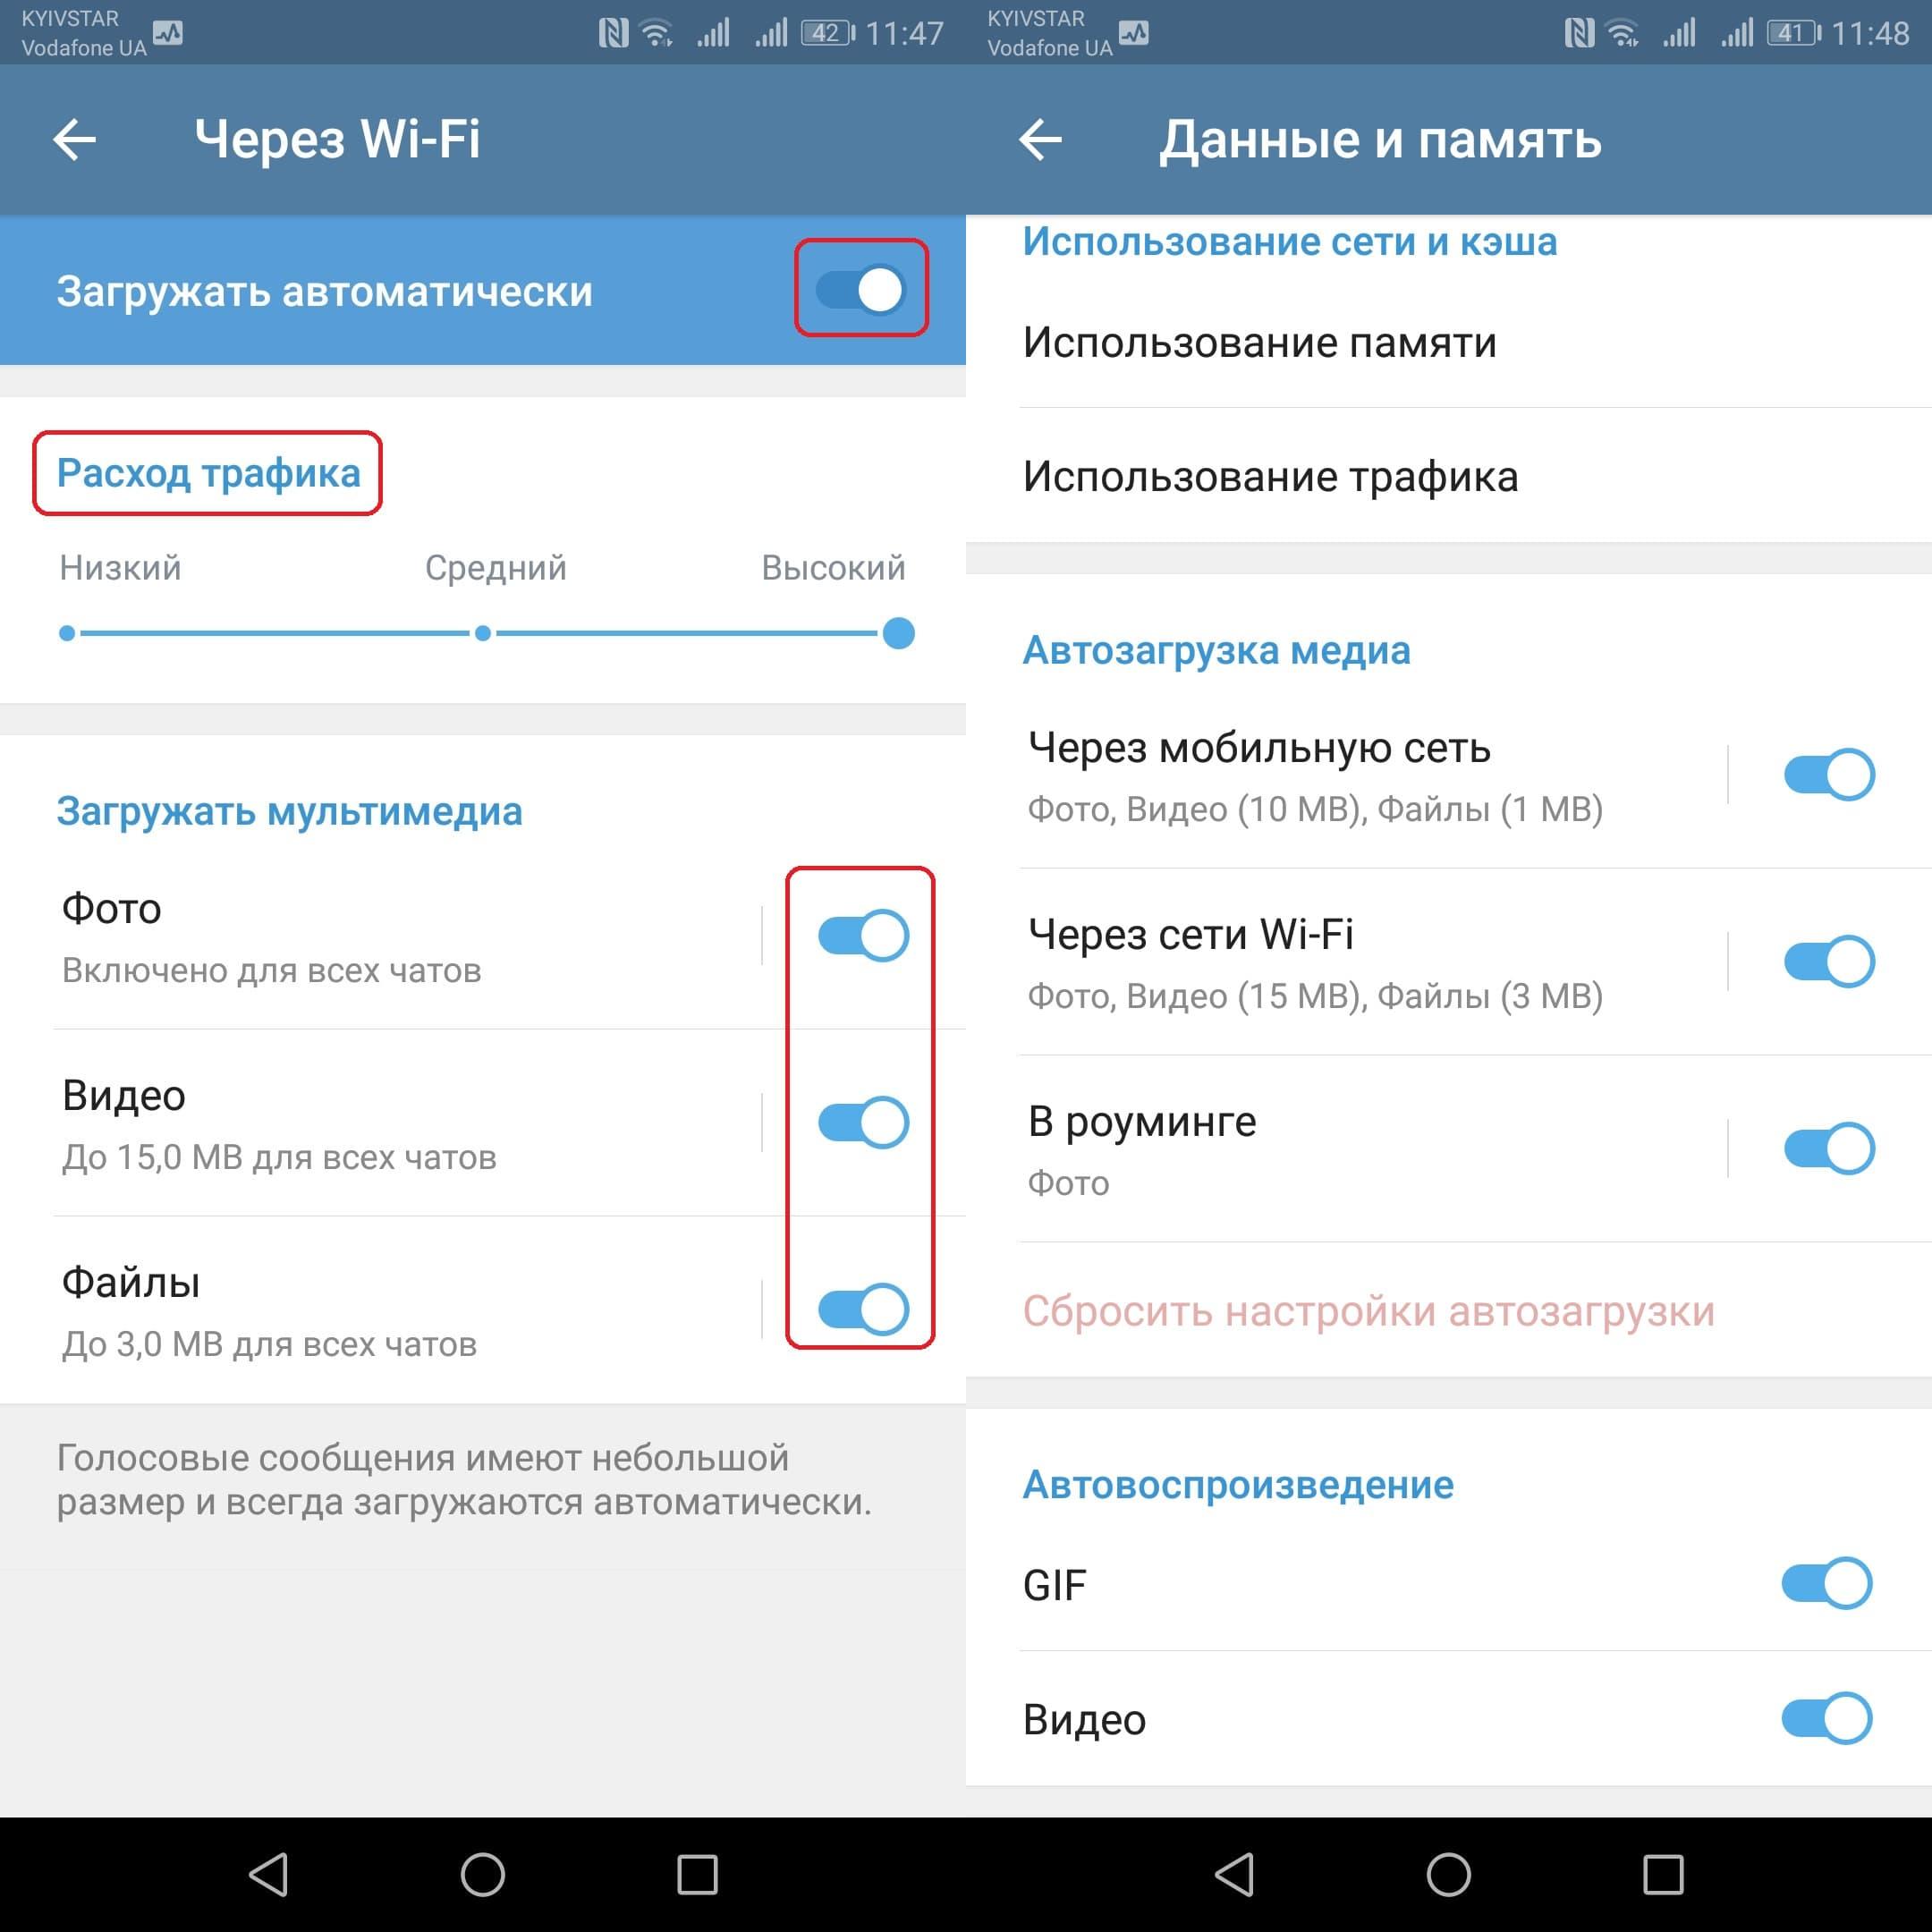 Картинка 3 Полезные советы для пользователей Telegram в 2019-м году